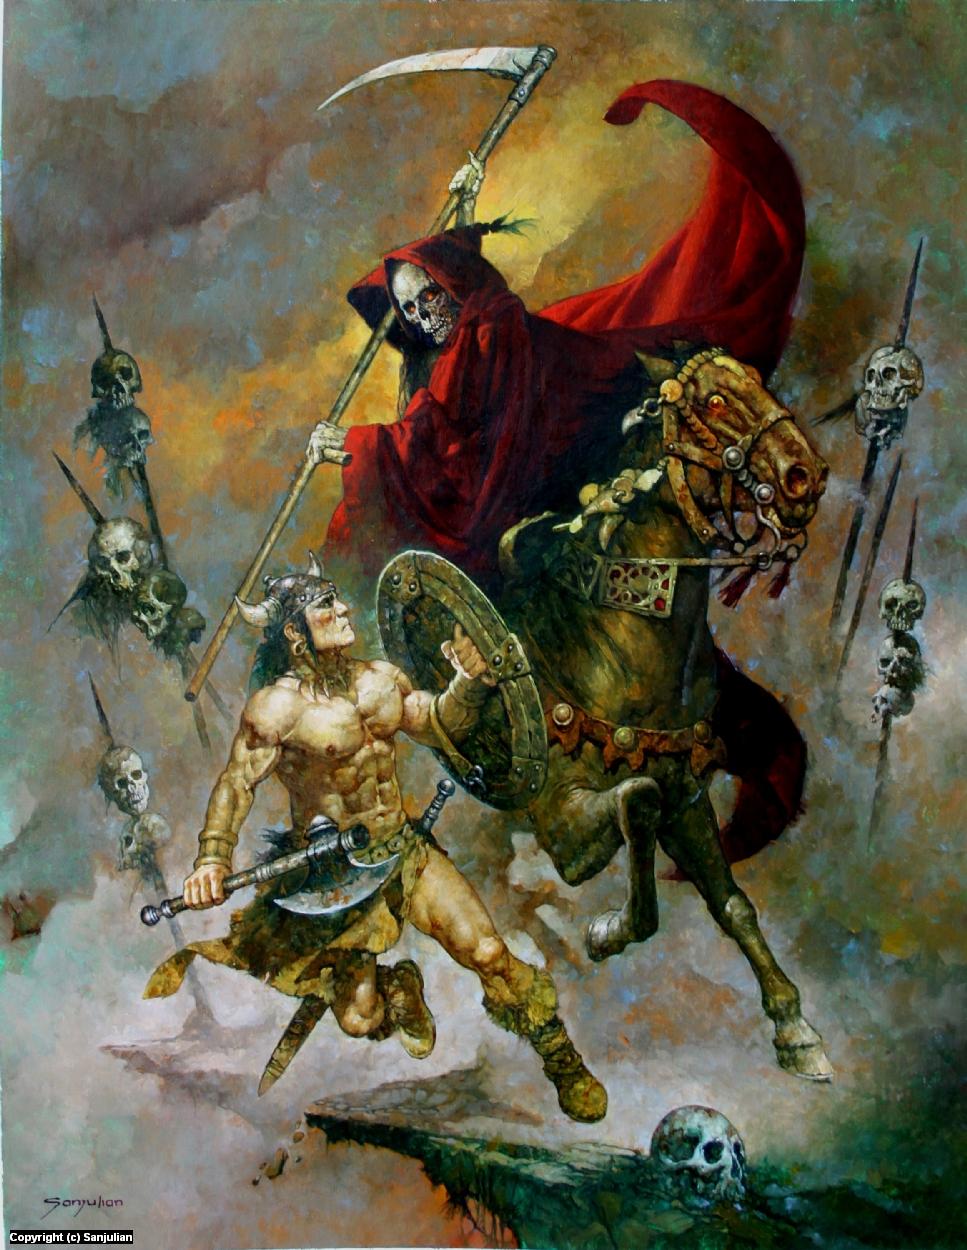 When Death Rides In Artwork by Manuel Sanjulian